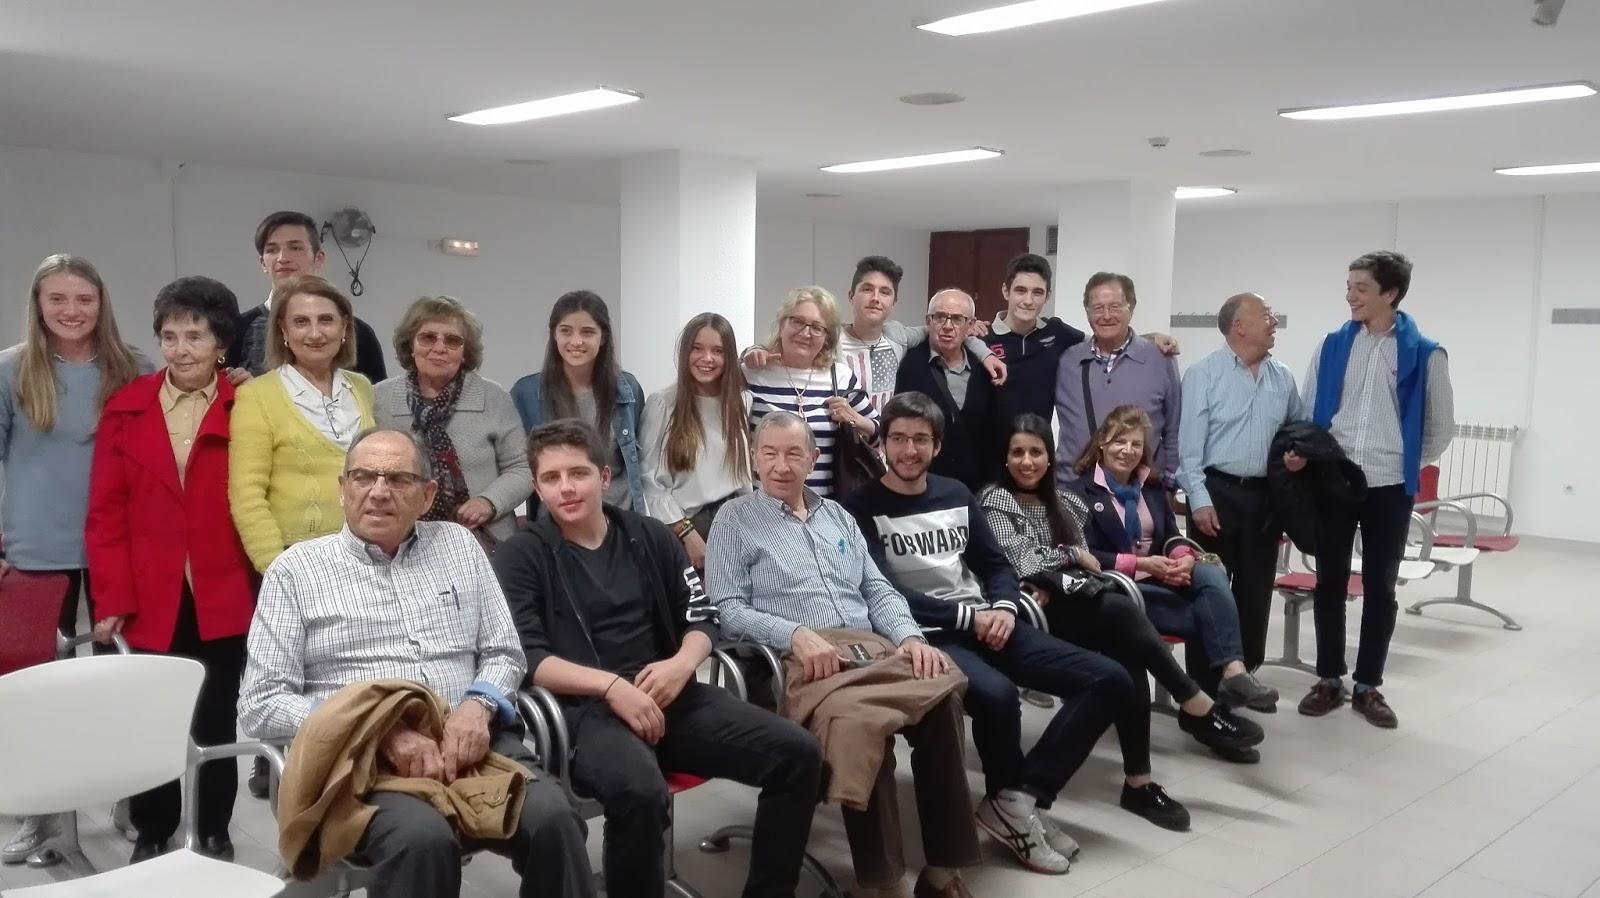 Agustinas Valladolid - 2017 - Bachillerato 1 - Aprendizaje y Servicio 2